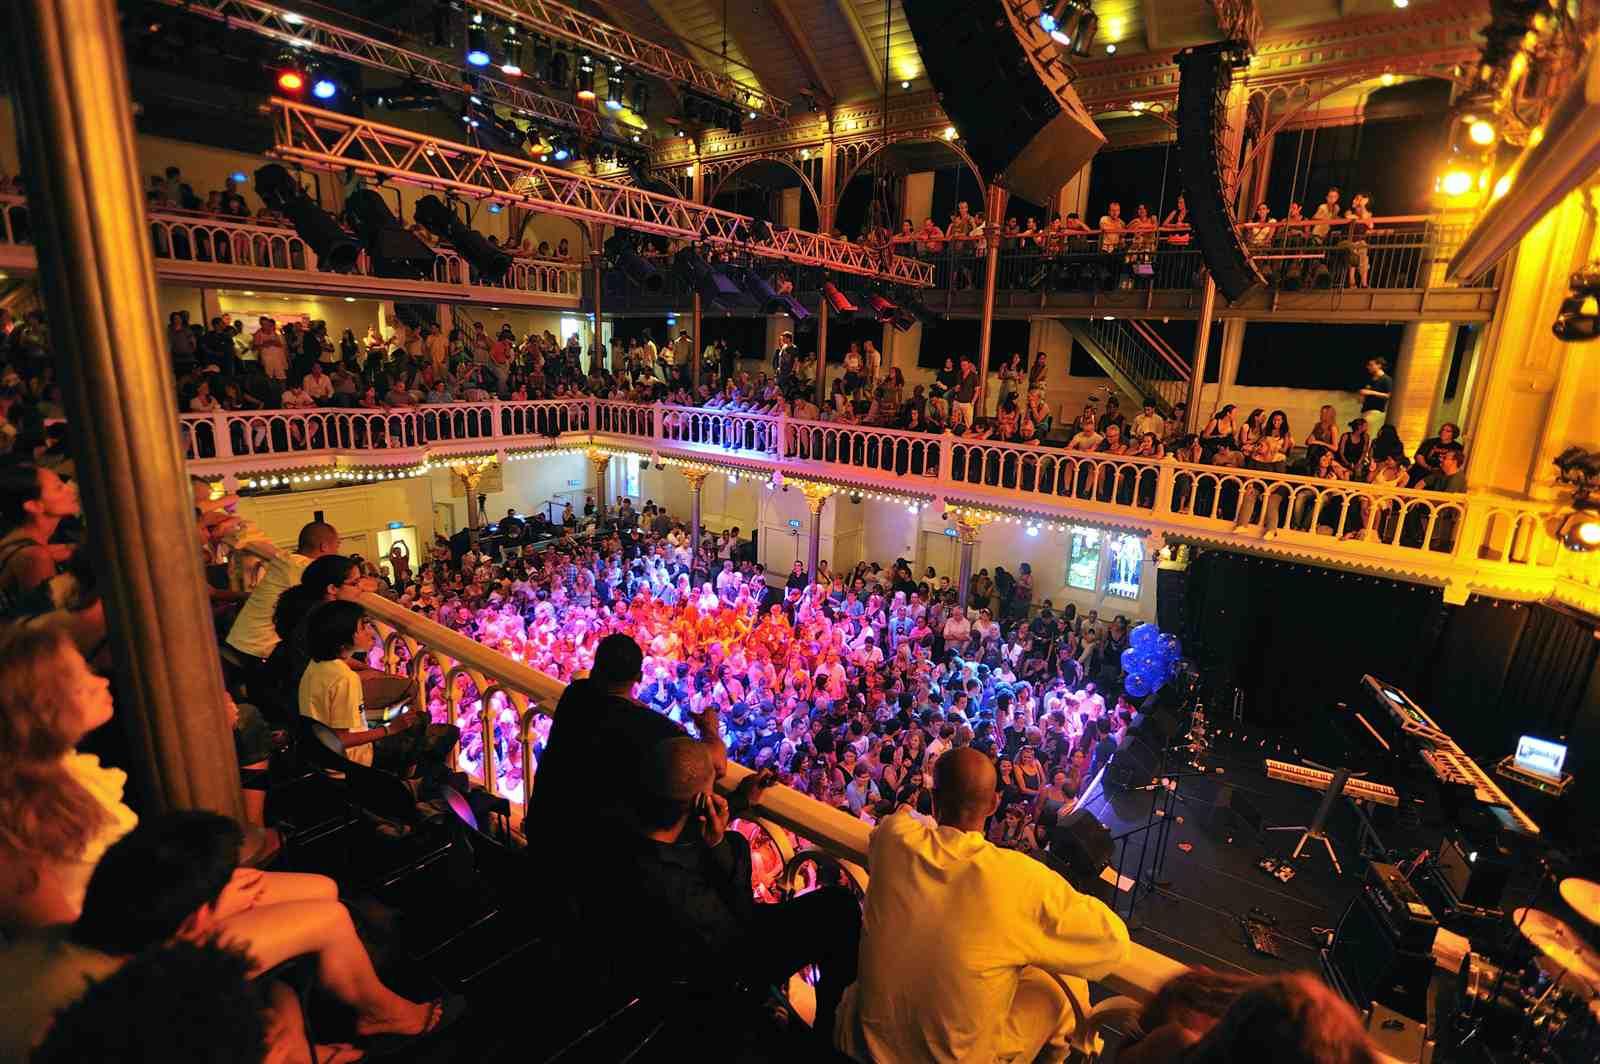 Una multitud espera el comienzo de un espectáculo en Paradiso